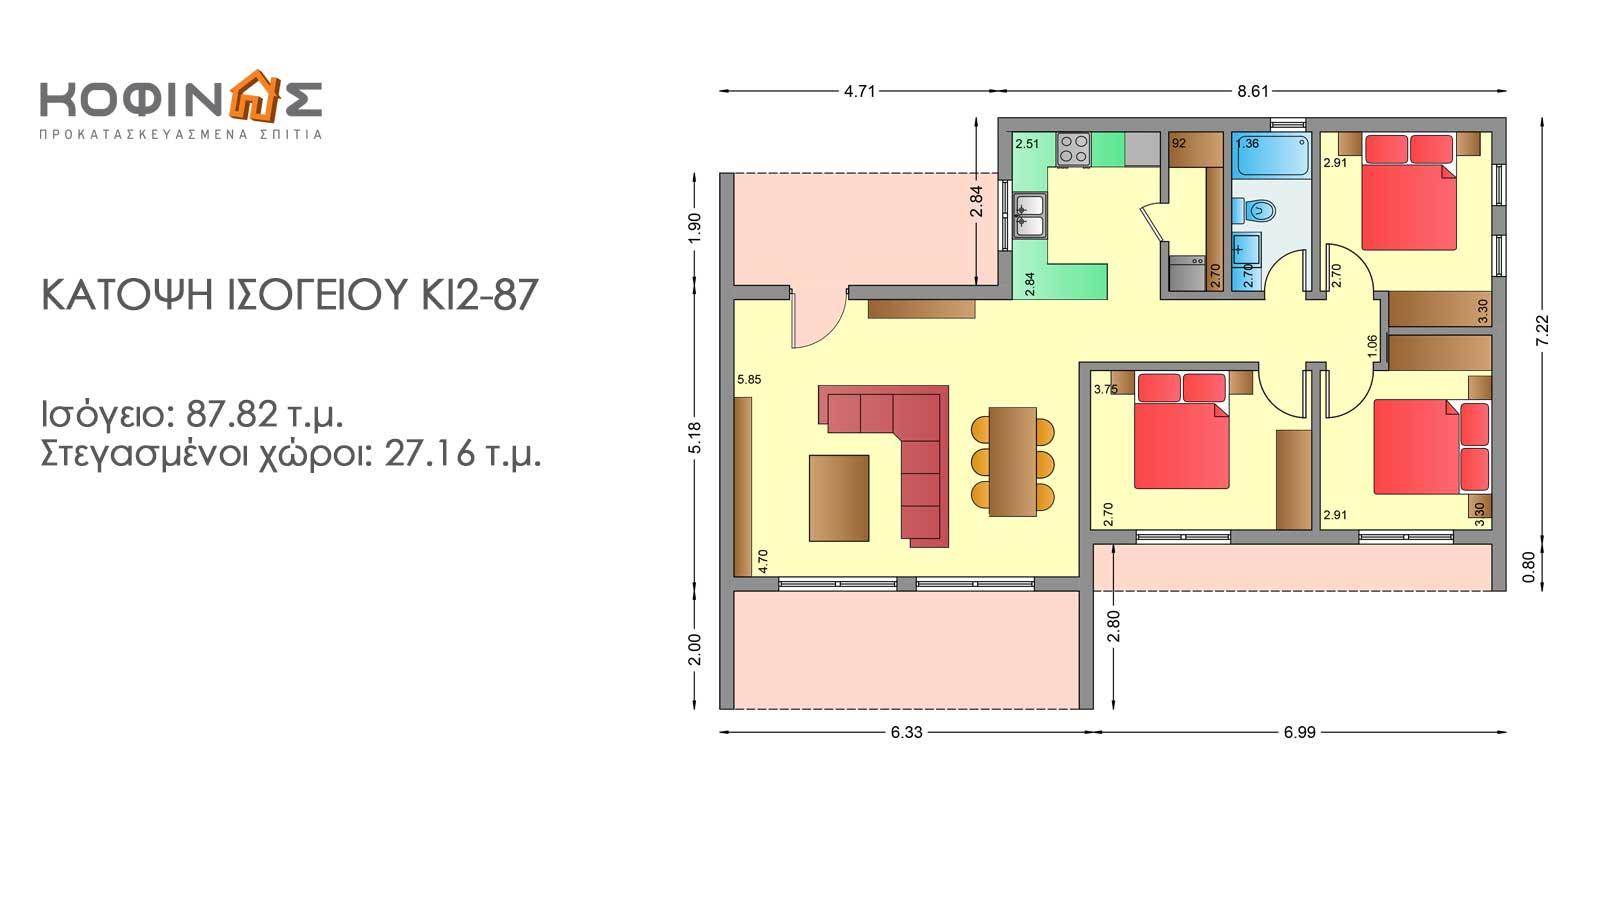 Ισόγεια Κατοικία KI2-87, συνολικής επιφάνειας 87,82 τ.μ.